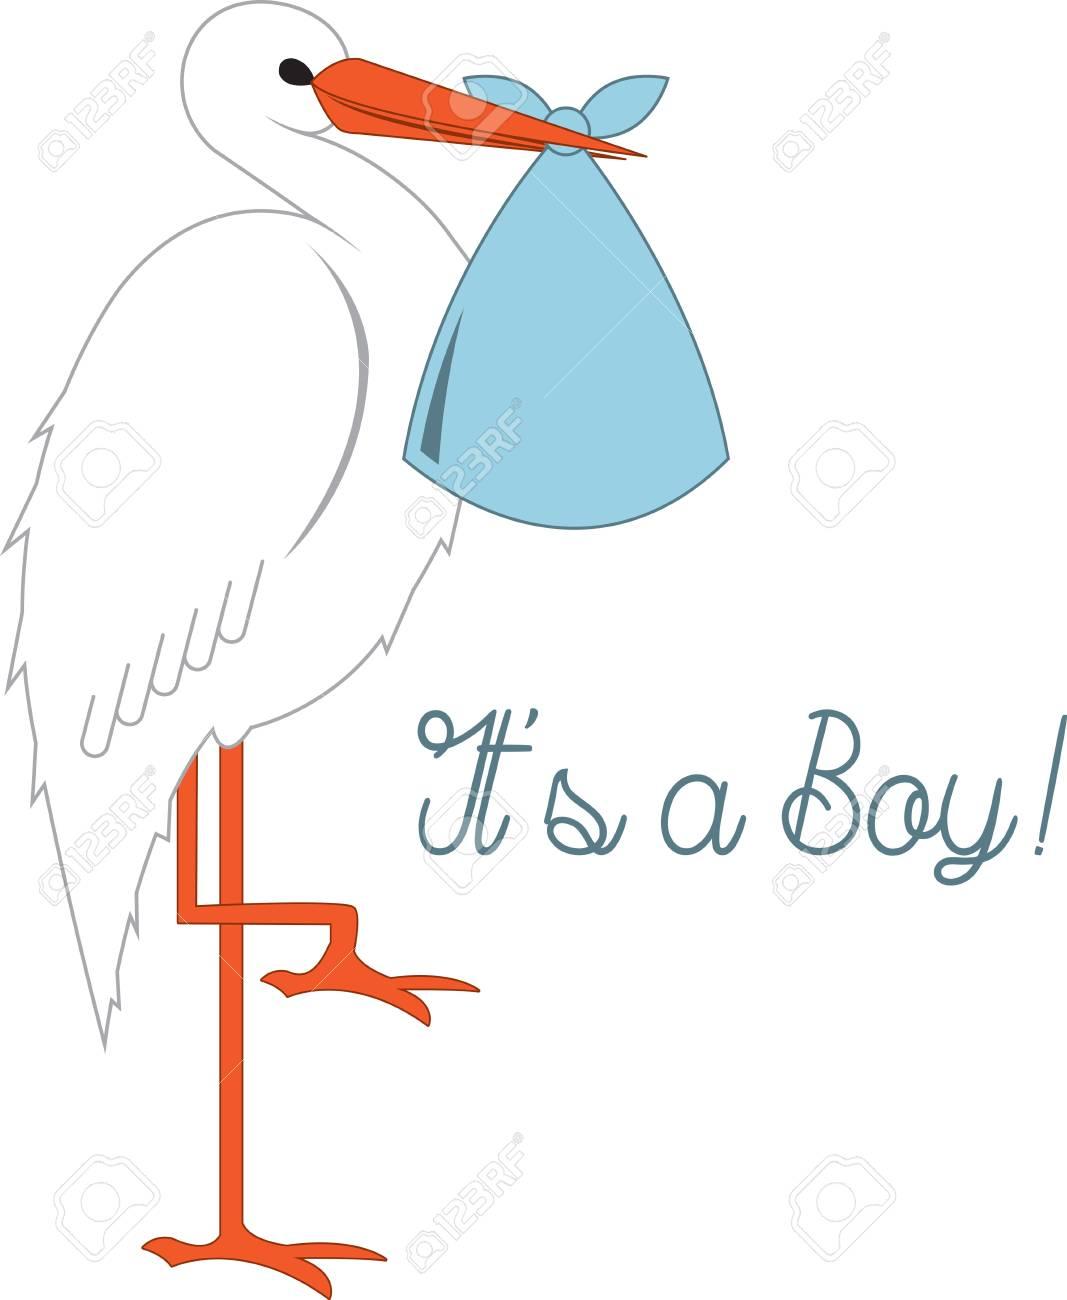 Questo Disegno è Bello Fare Regali Unici Per Neonati Neonati Bambini Piccoli Sarà Perfetto Su Body Corredini Pannolini Copre Bambino T Shirt